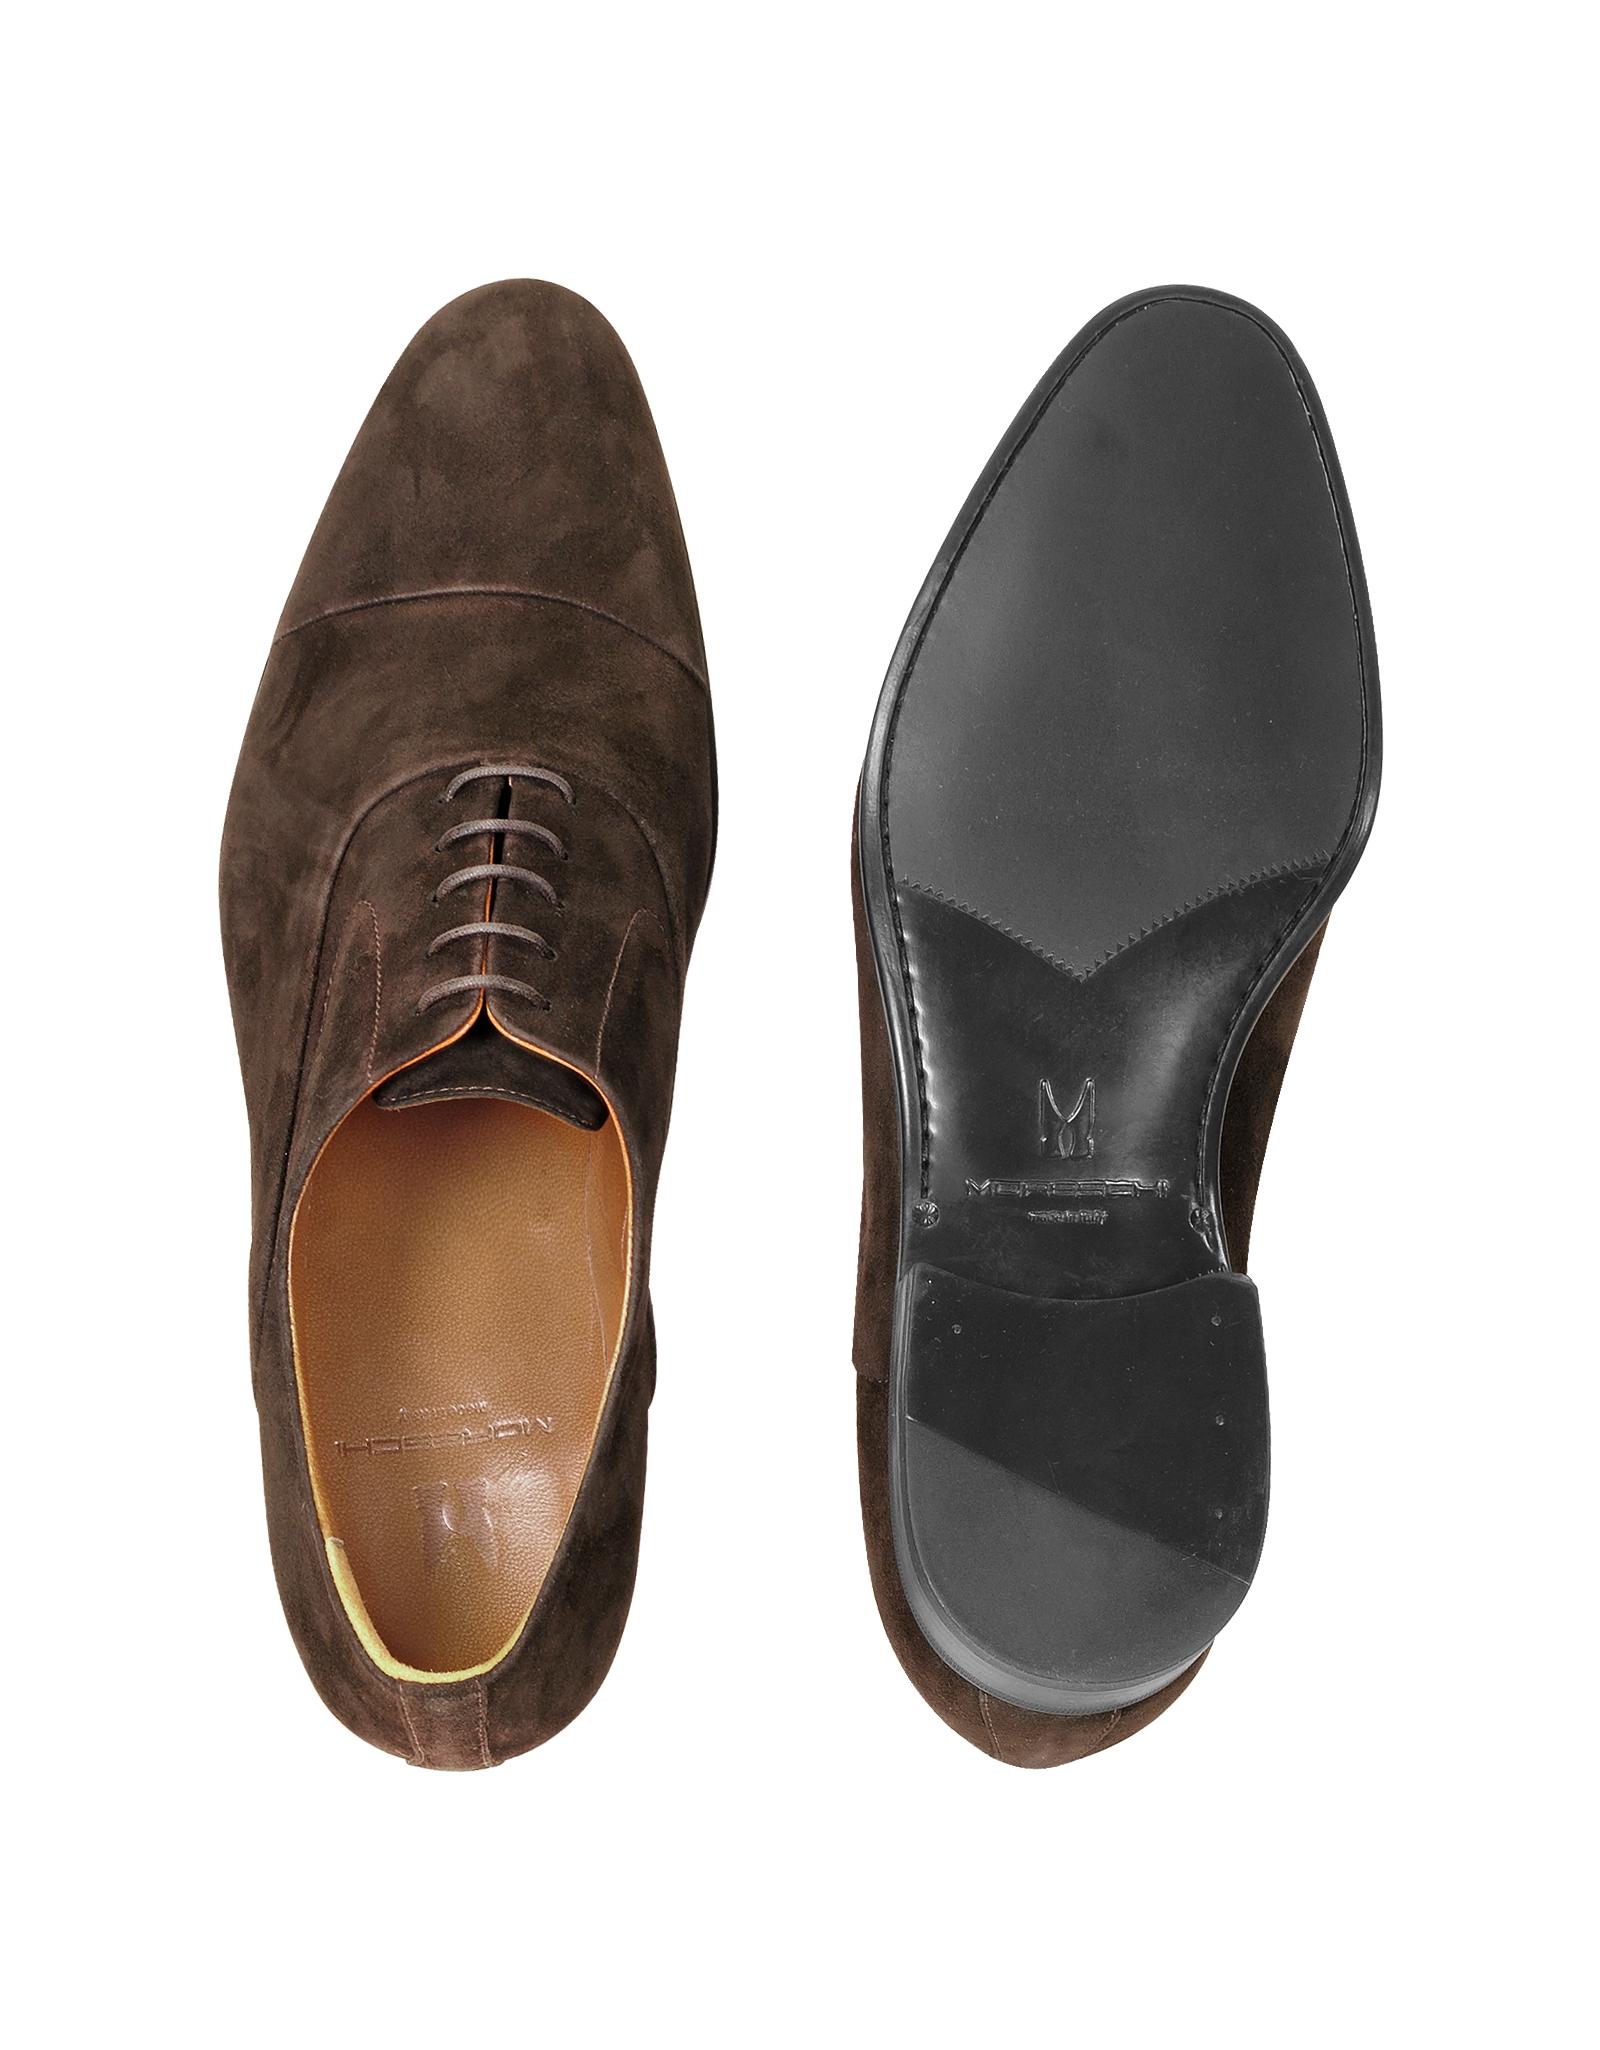 Moreschi Womens Shoes